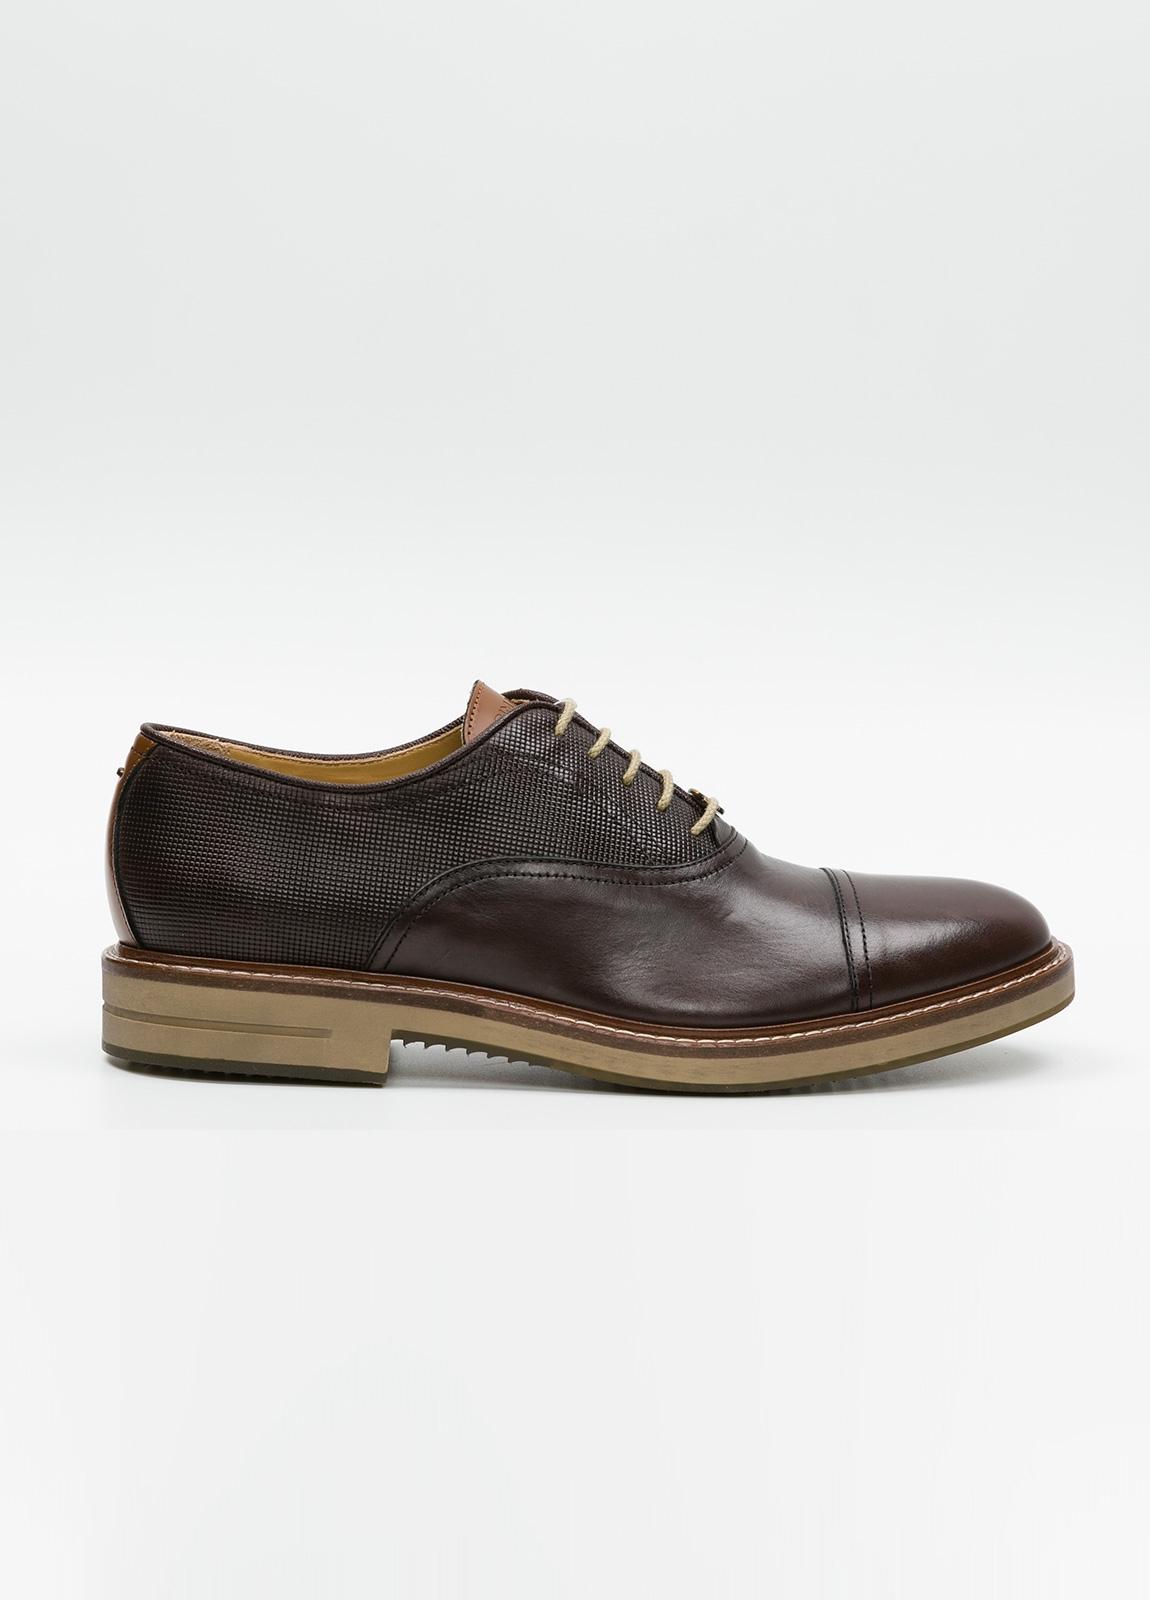 Zapato Formal Wear con cordones color marrón combinación de piel lisa y grabada. 100% Piel.